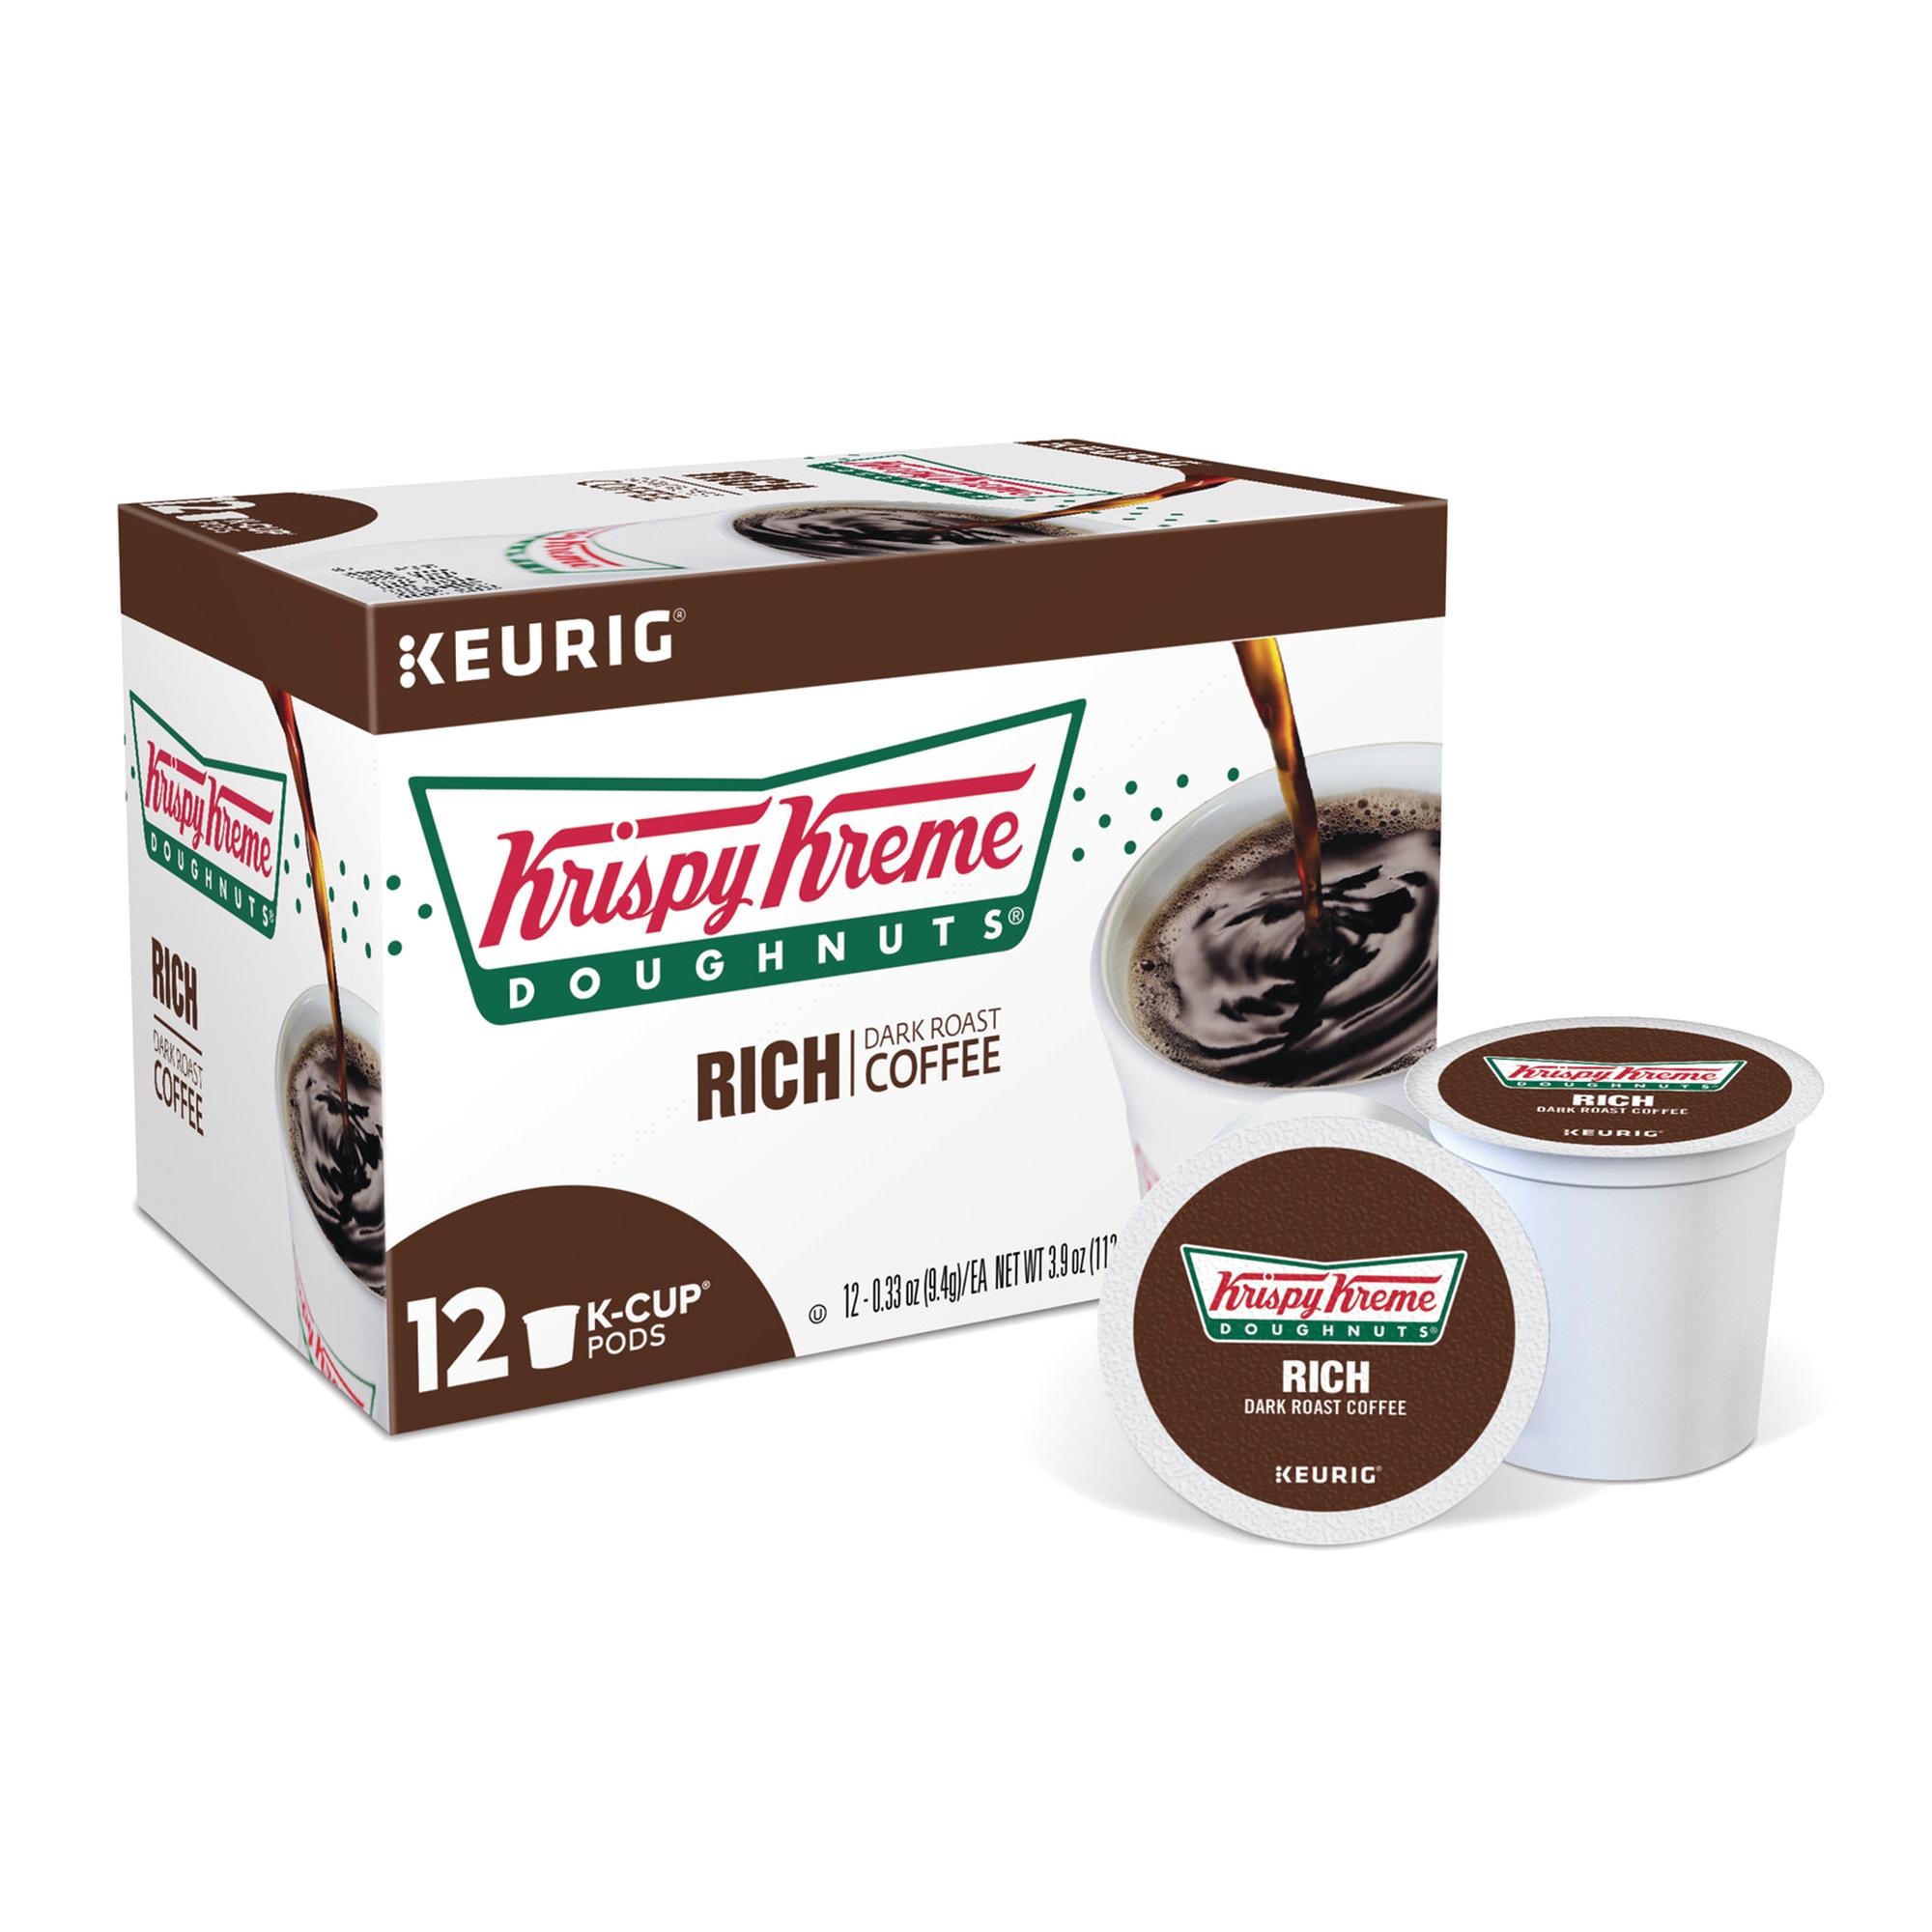 Krispy Kreme Rich K-Cup Pack | Meijer.com